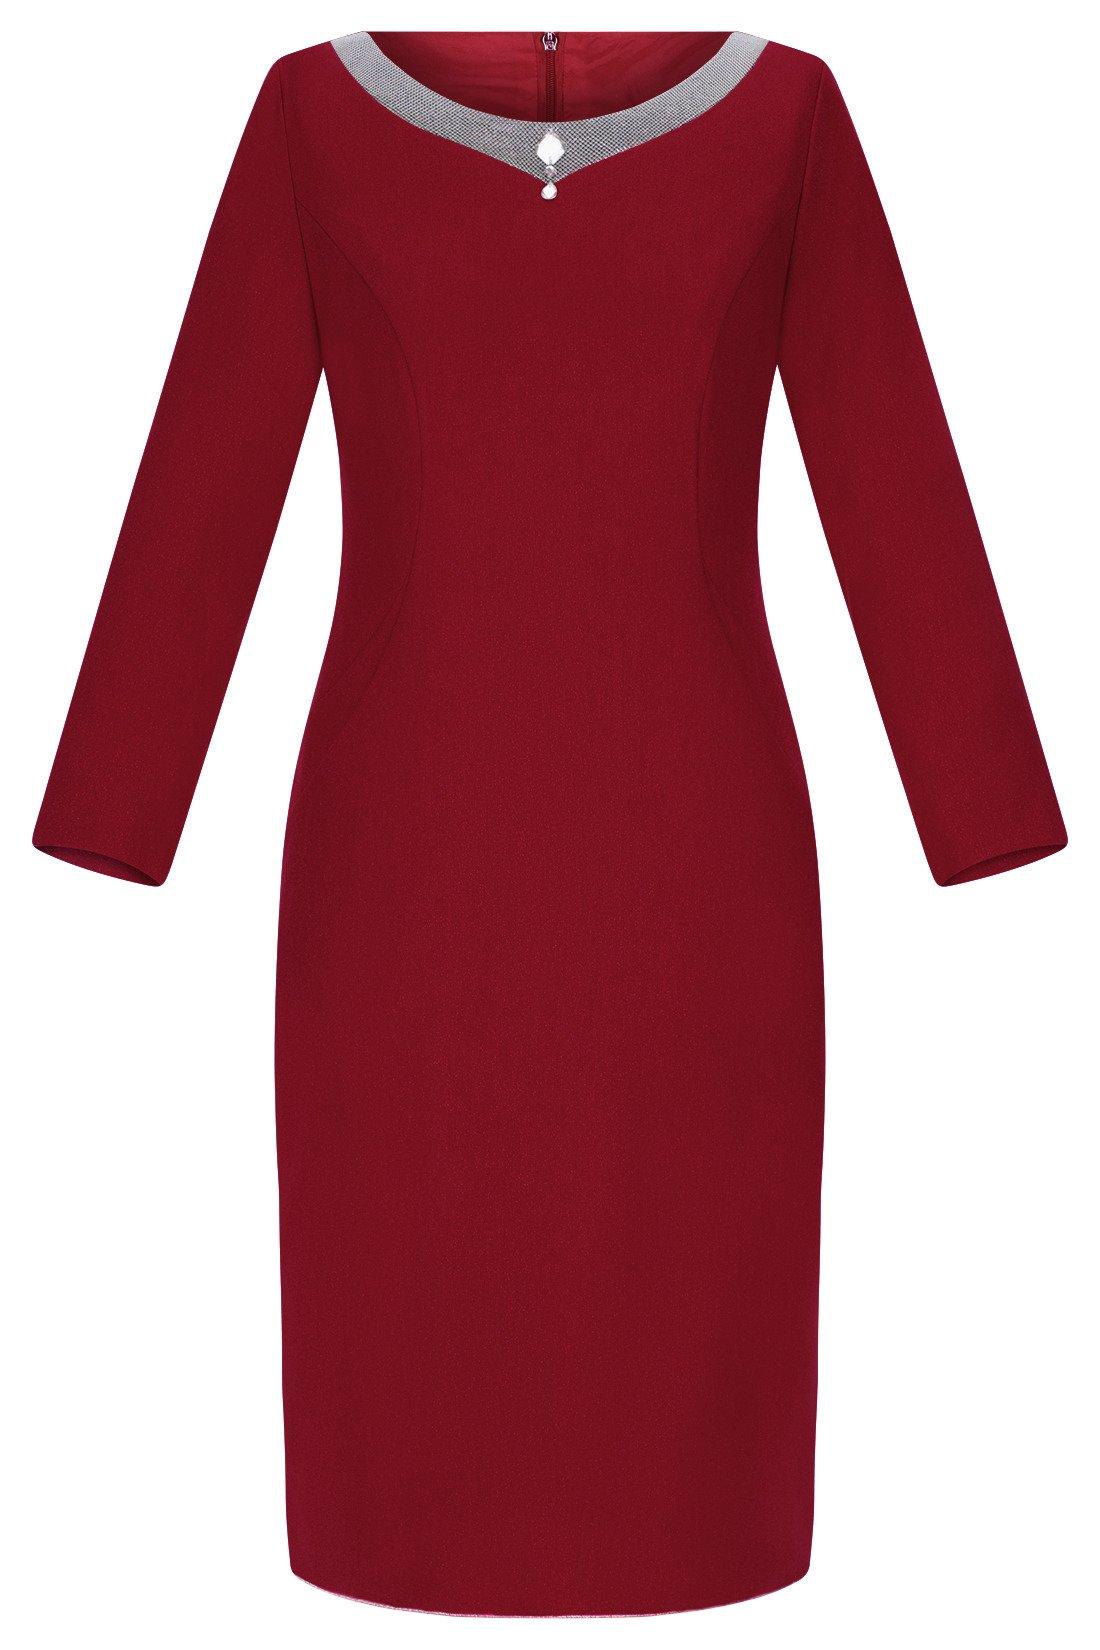 9eadc84ff5 Elegancka odzież damska wyprzedaż ikea promocje wrocław